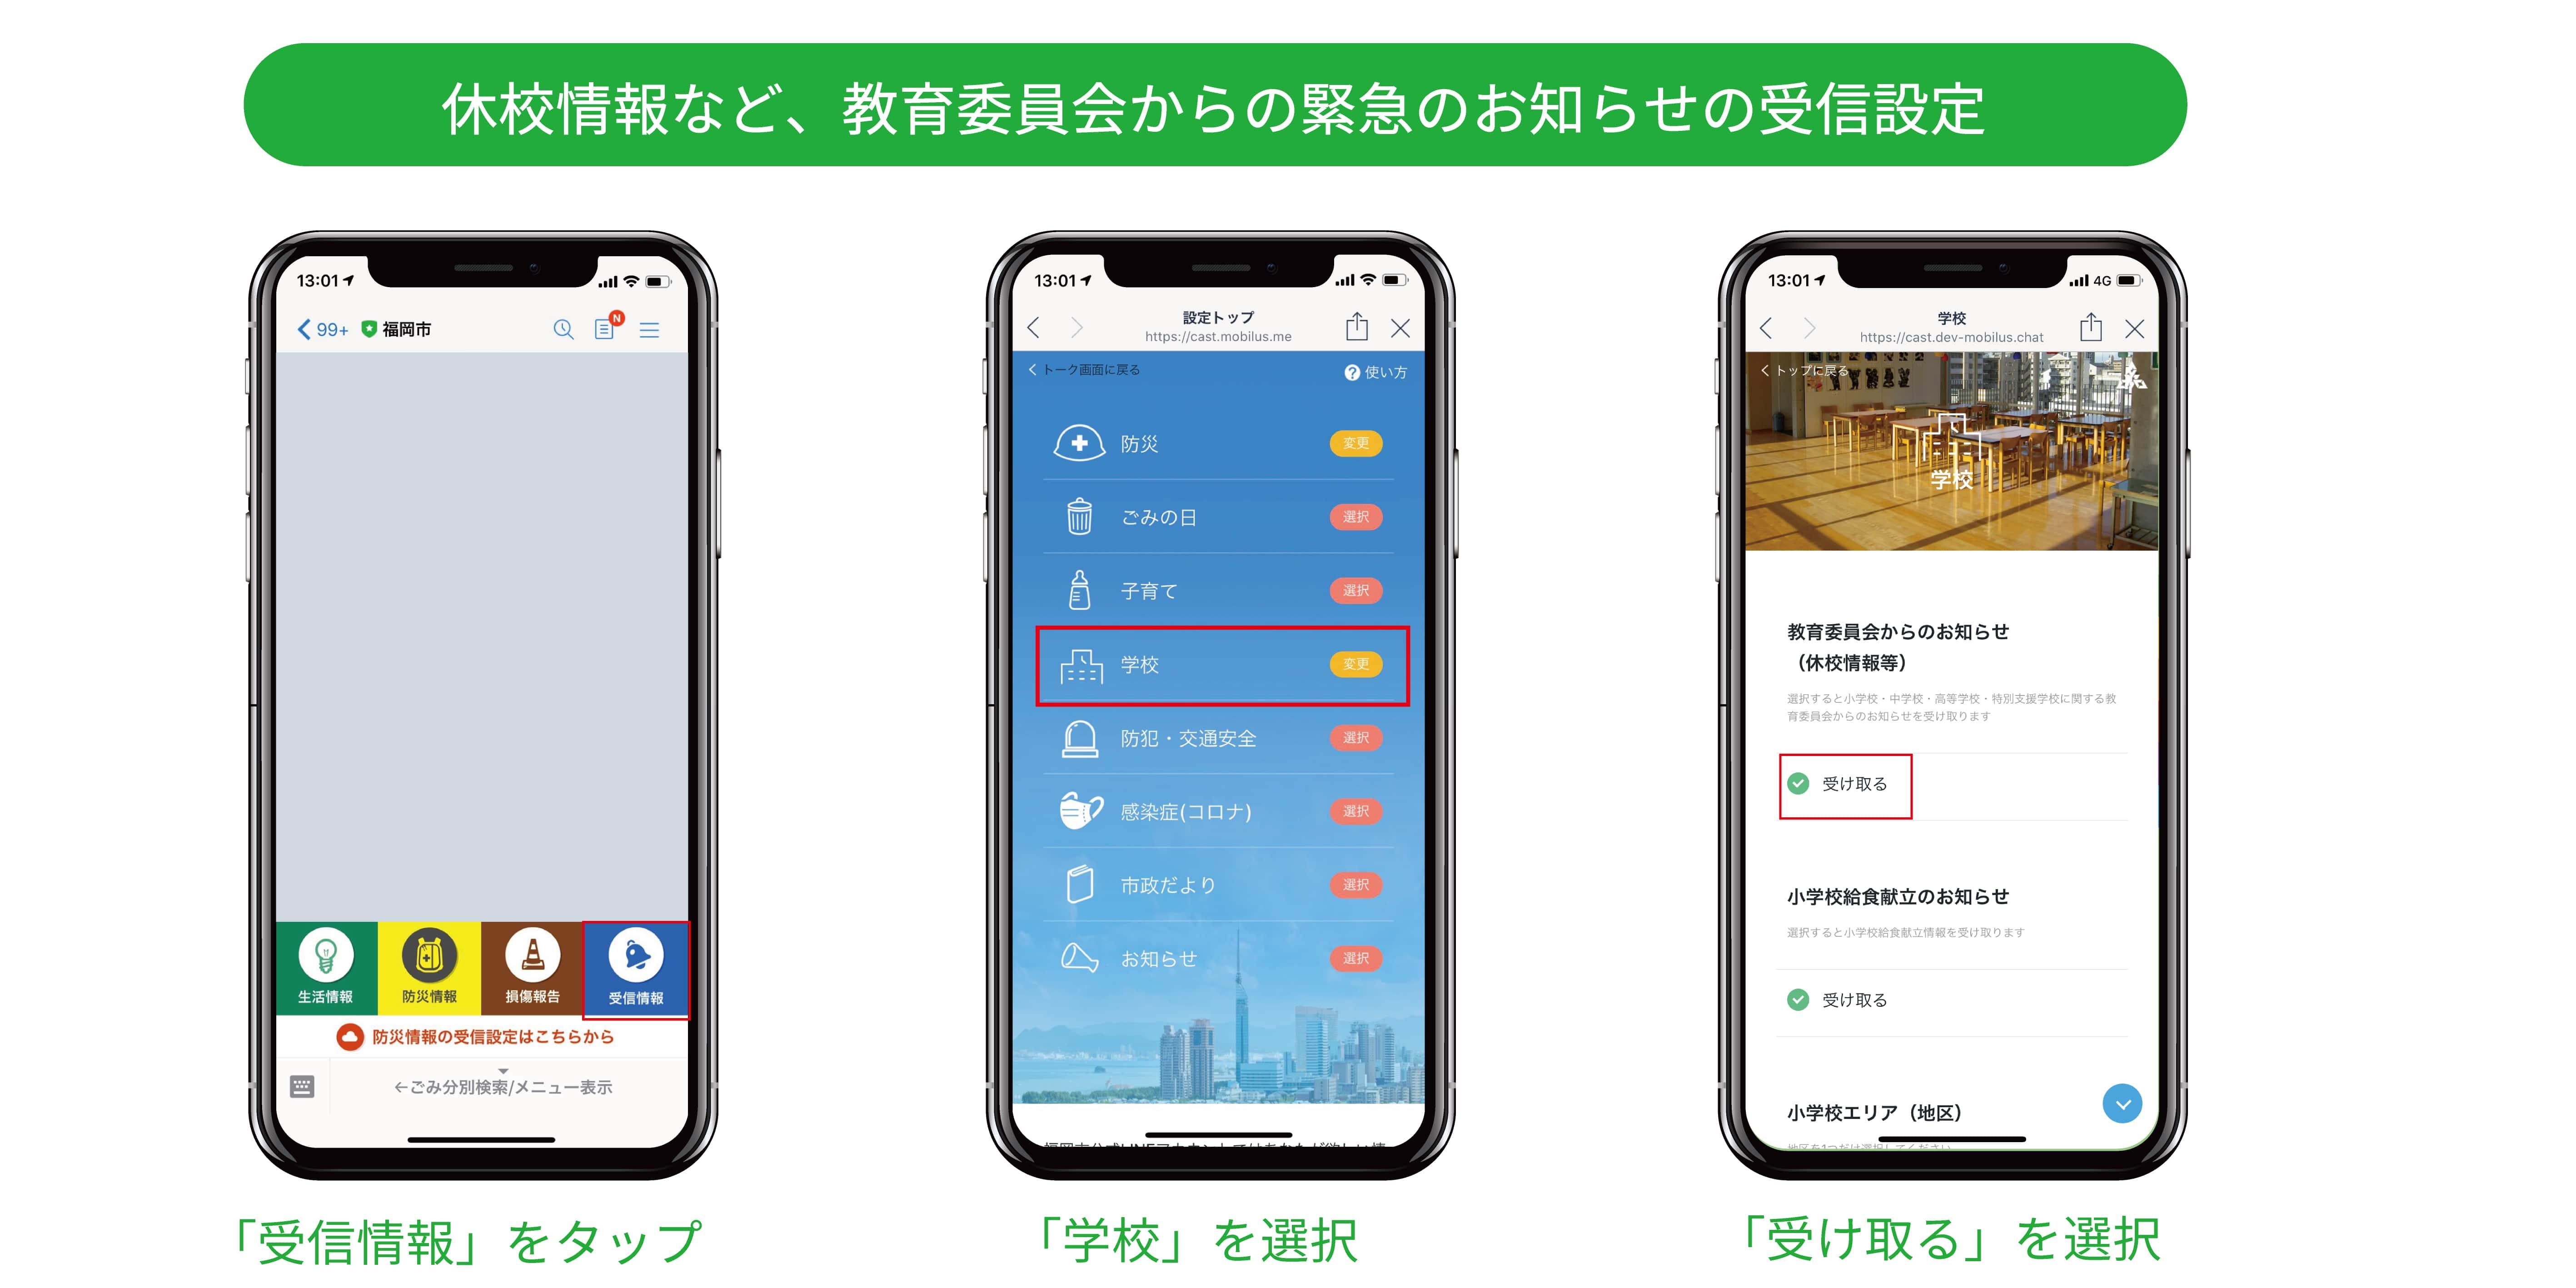 委員 会 市 教育 ホームページ 福岡